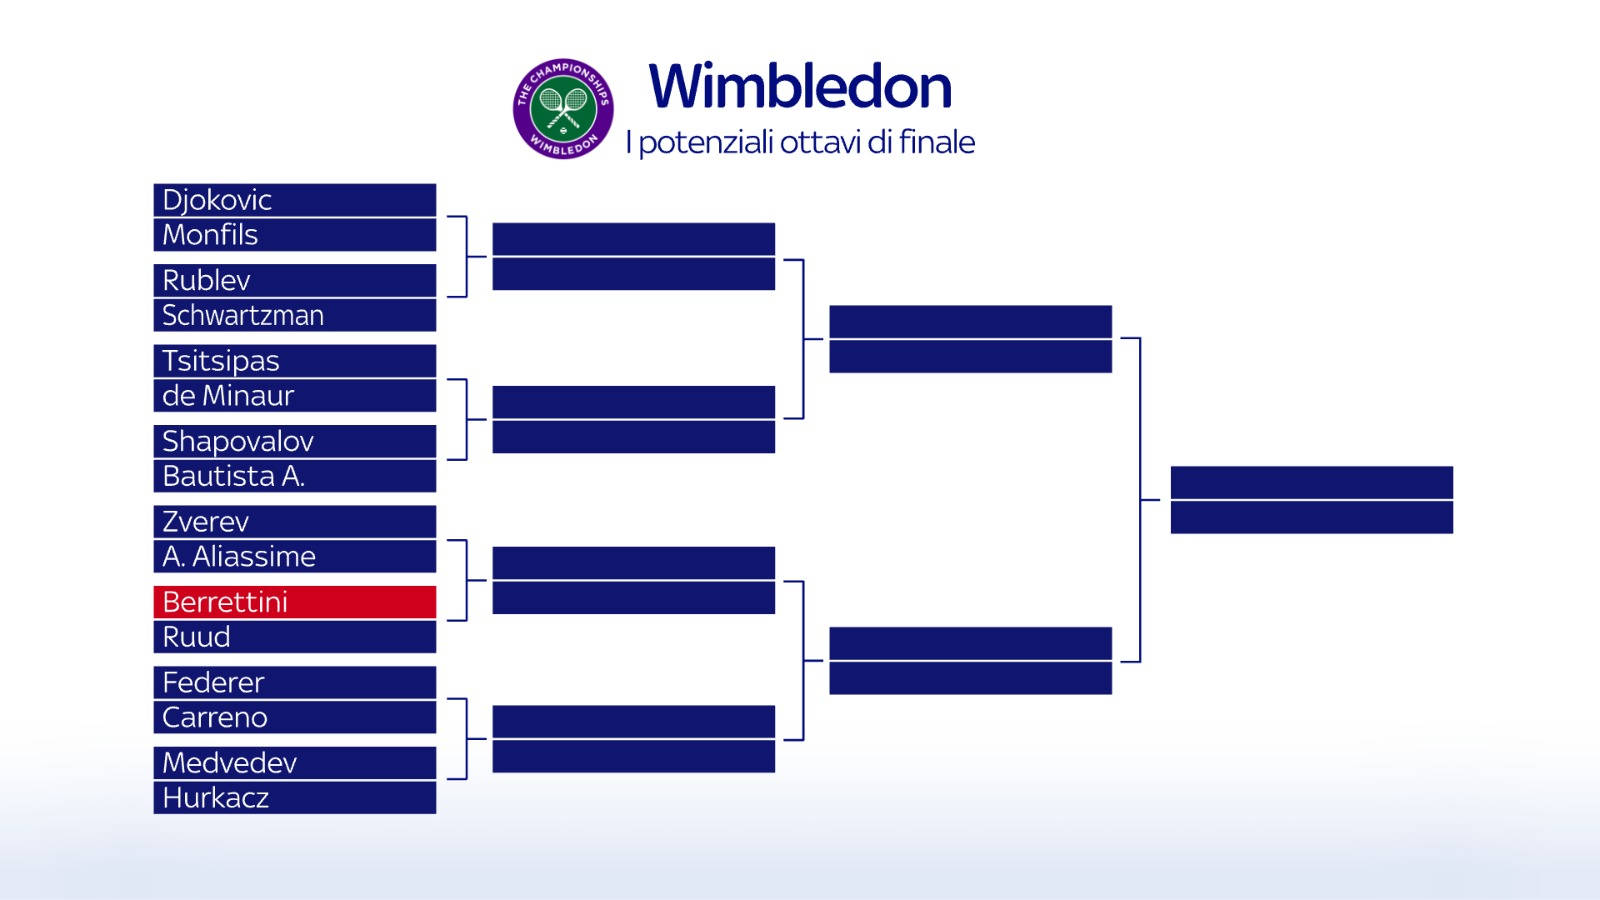 Wimbledon, possibile tabellone ottavi